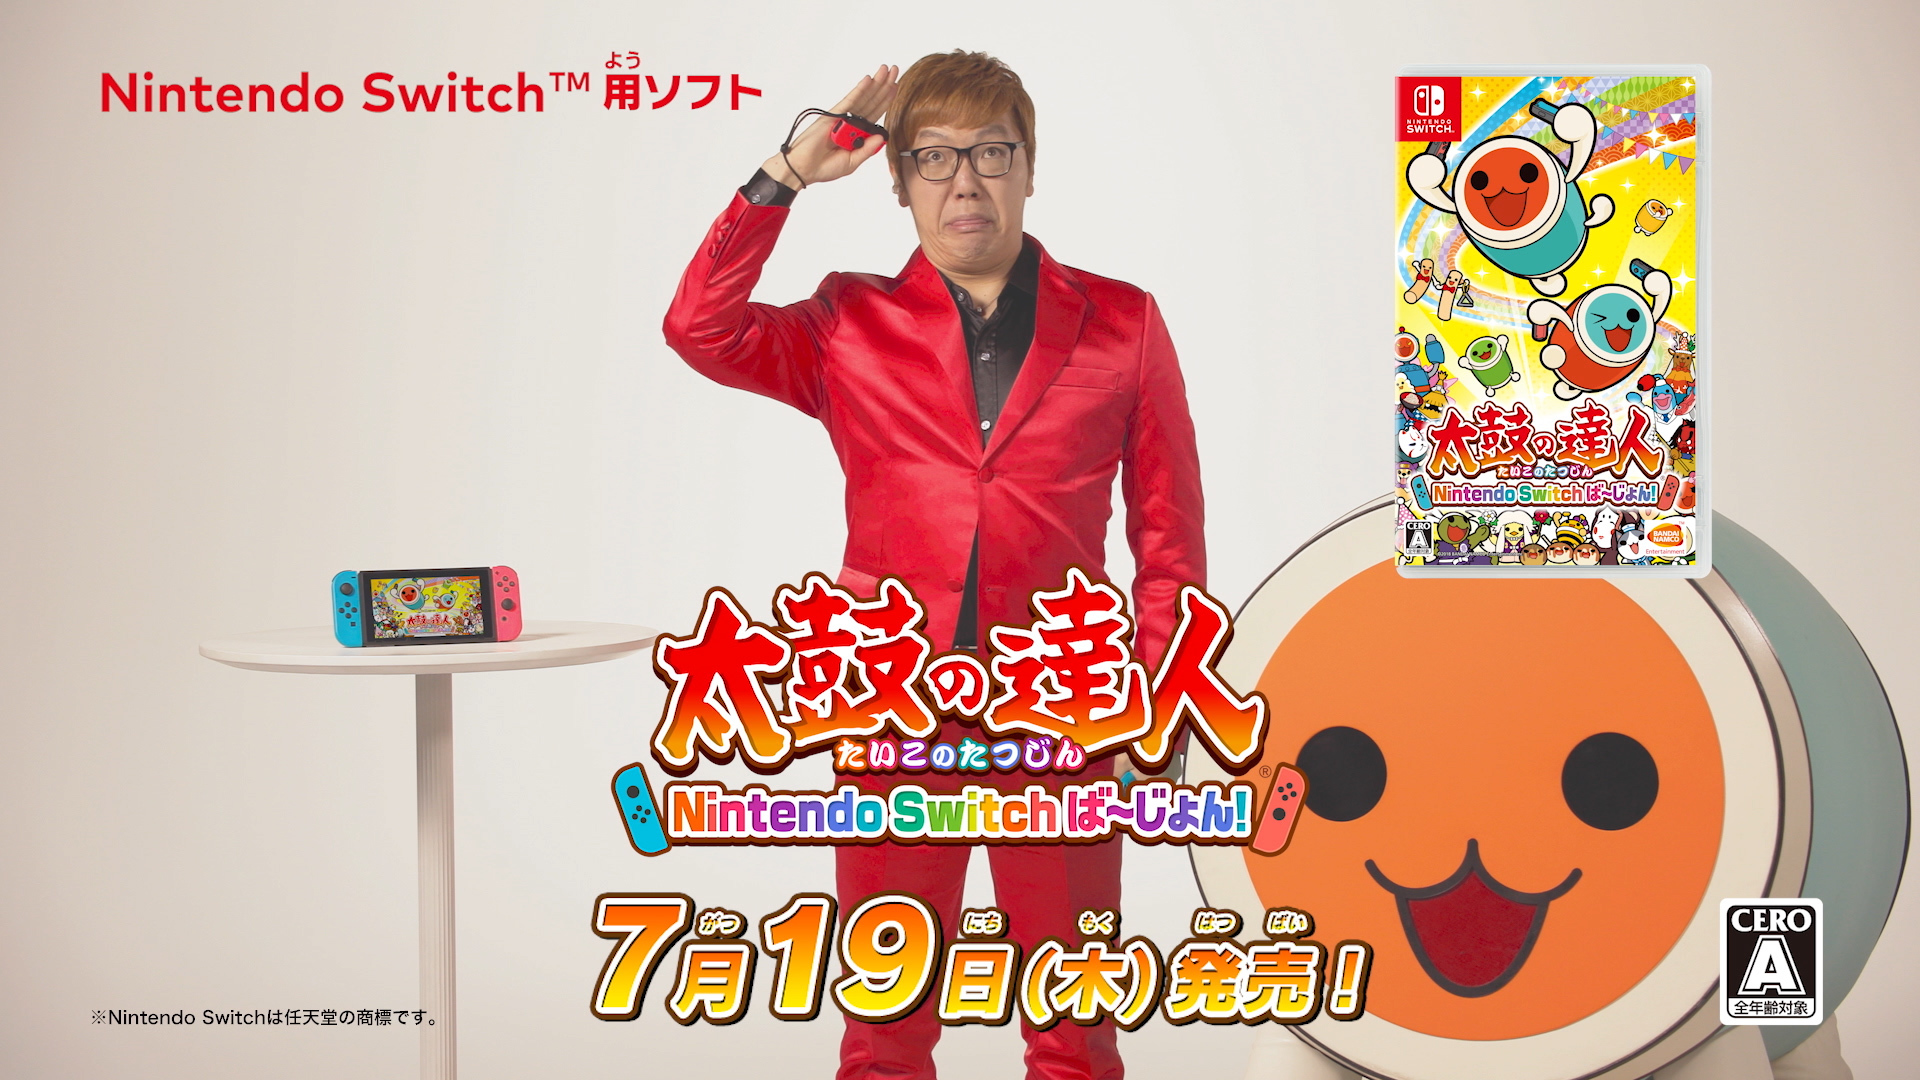 テレビCM「太鼓の達人 Nintendo Switchば~じょん ヒカキン ヒューマンビートボックス篇」 (c)BANDAI NAMCO Entertainment Inc.